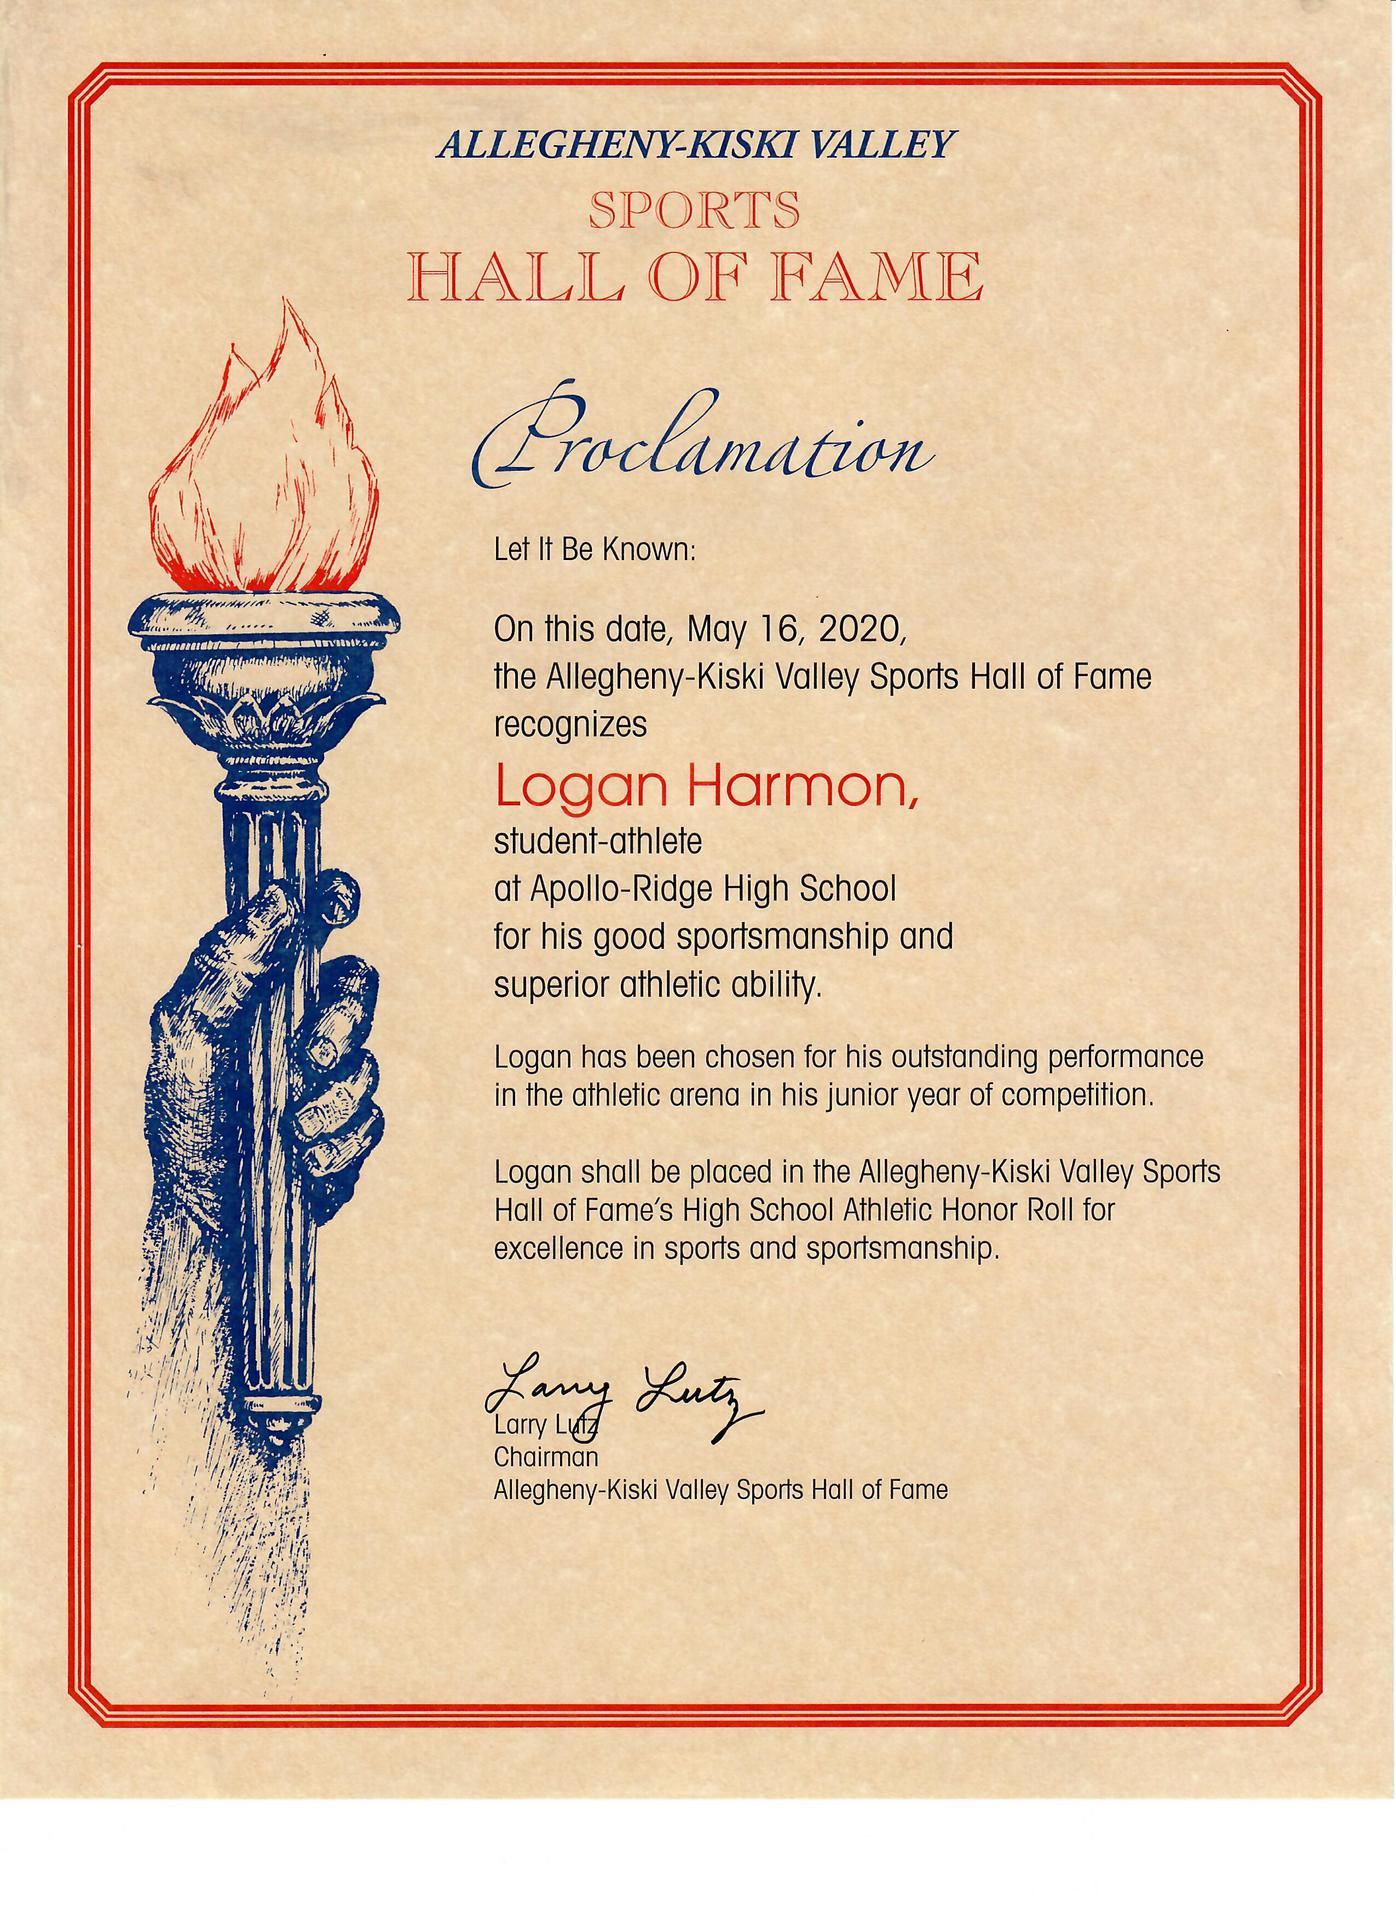 Logan Harmon